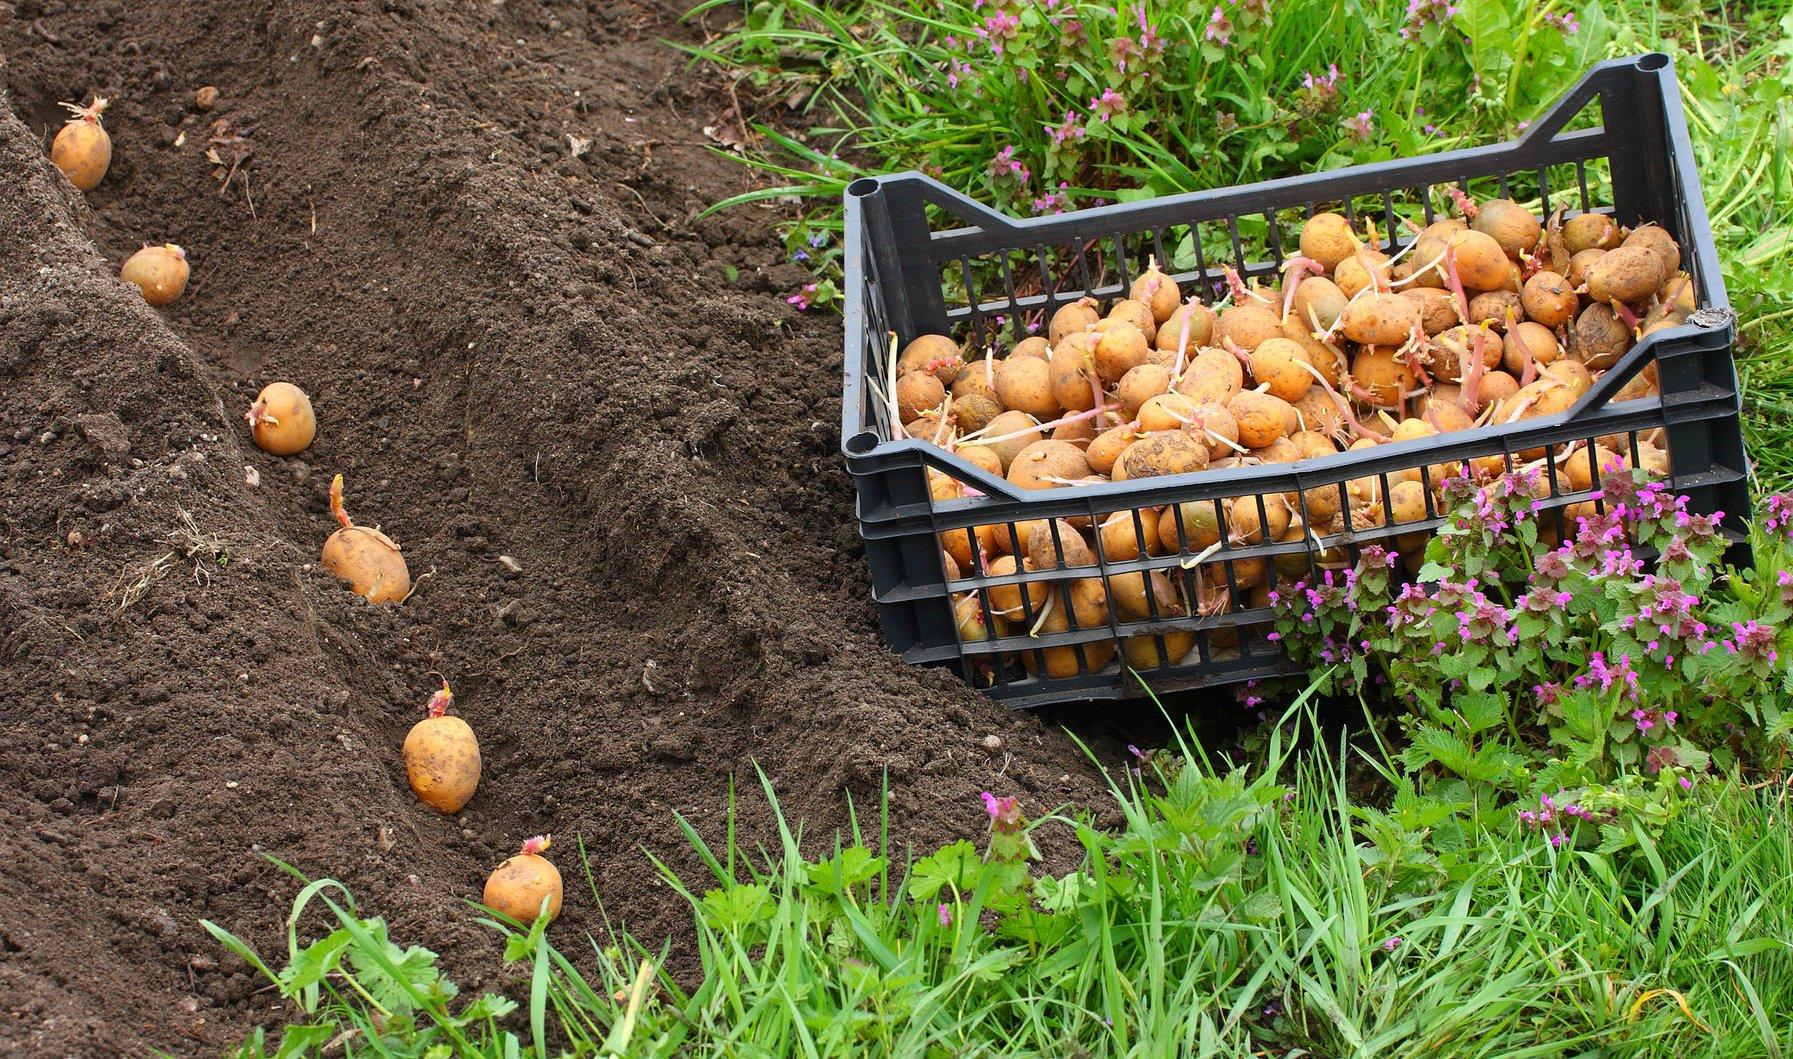 Посадка картофеля от а до я: способы как сажать картошку, схемы, сроки для высокого урожая - почва.нет